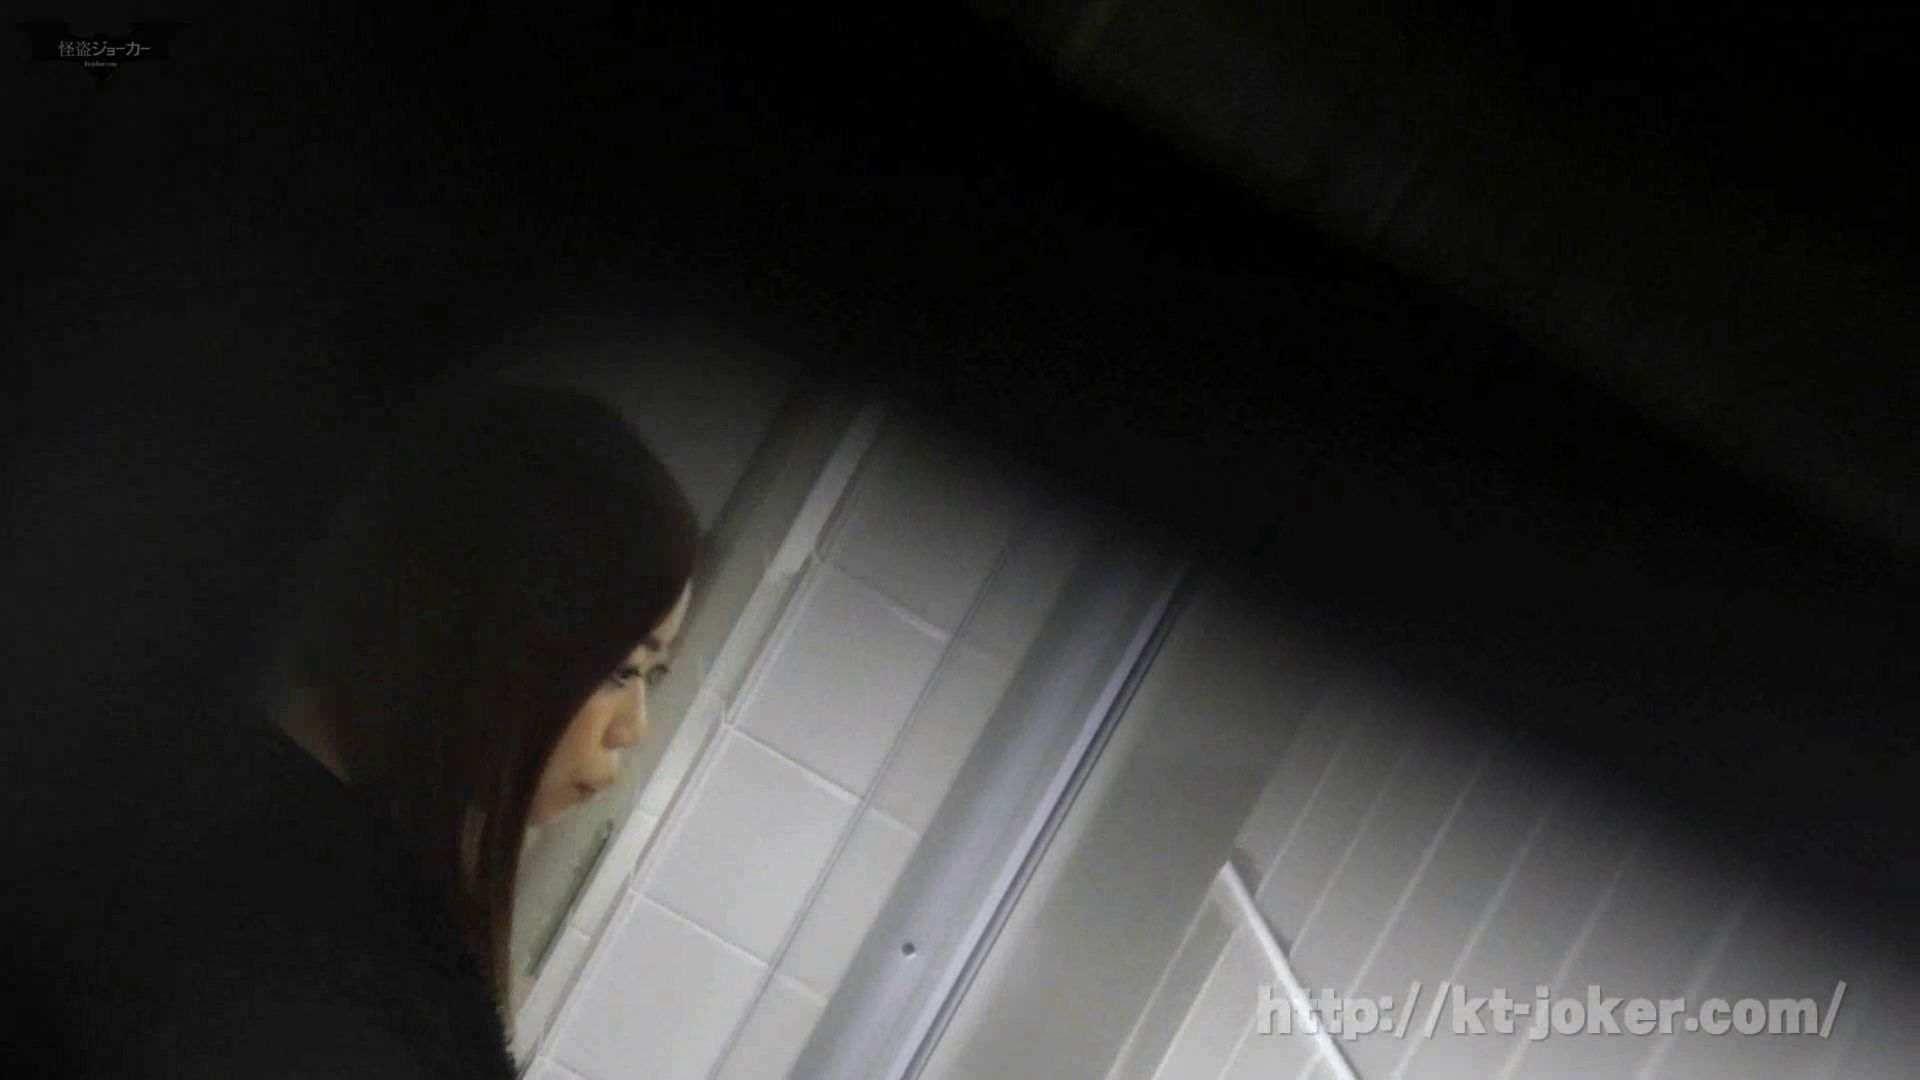 命がけ潜伏洗面所! vol.52 みなさんモリモリですね。 洗面所はめどり   プライベート  62画像 61